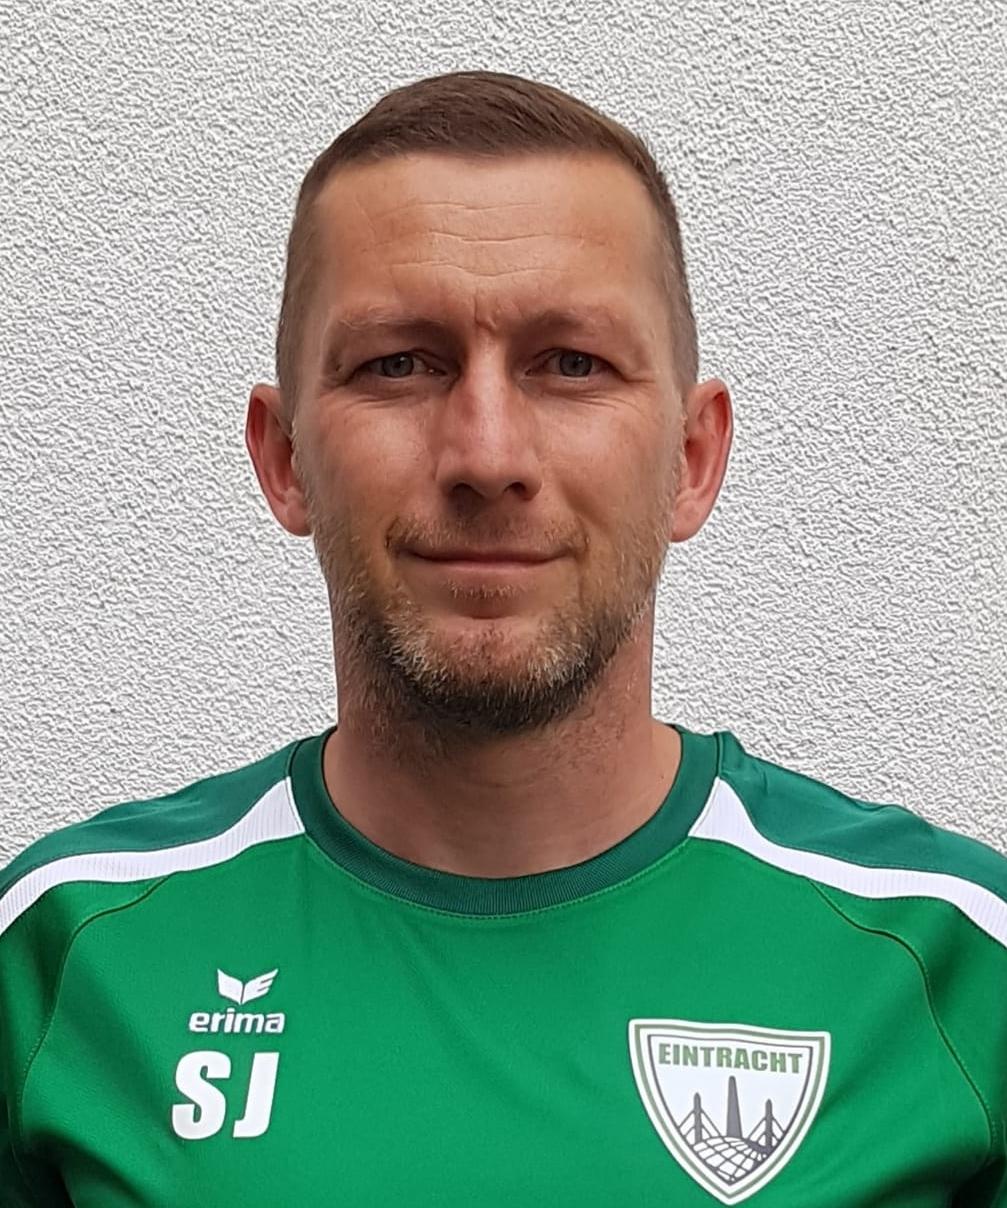 Dr. Stefan Jablonski